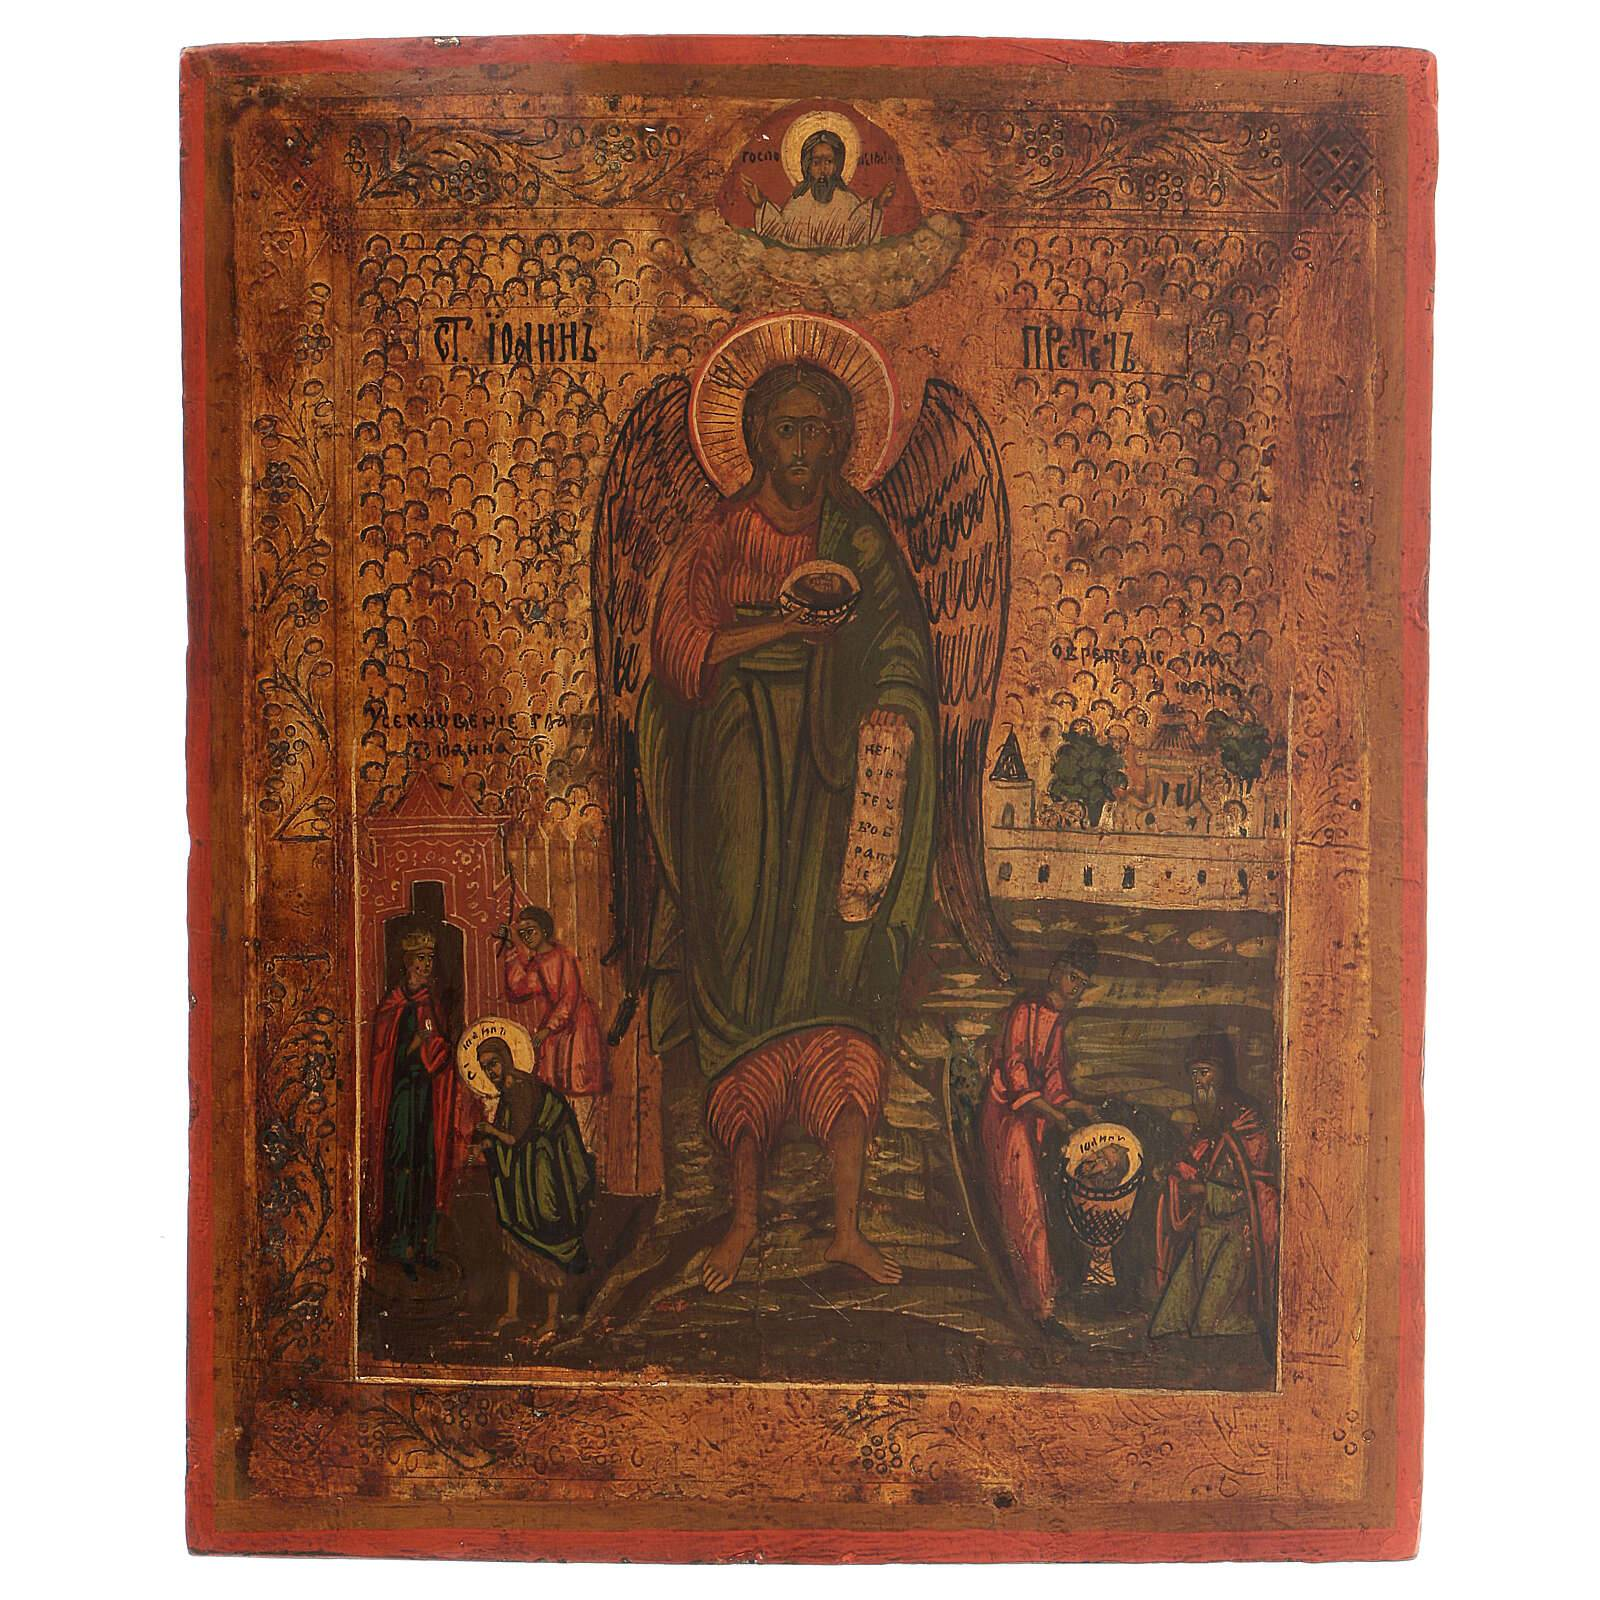 Icône russe ancienne Saint Jean Ange dans le désert XIX siècle 35x30 cm restaurée